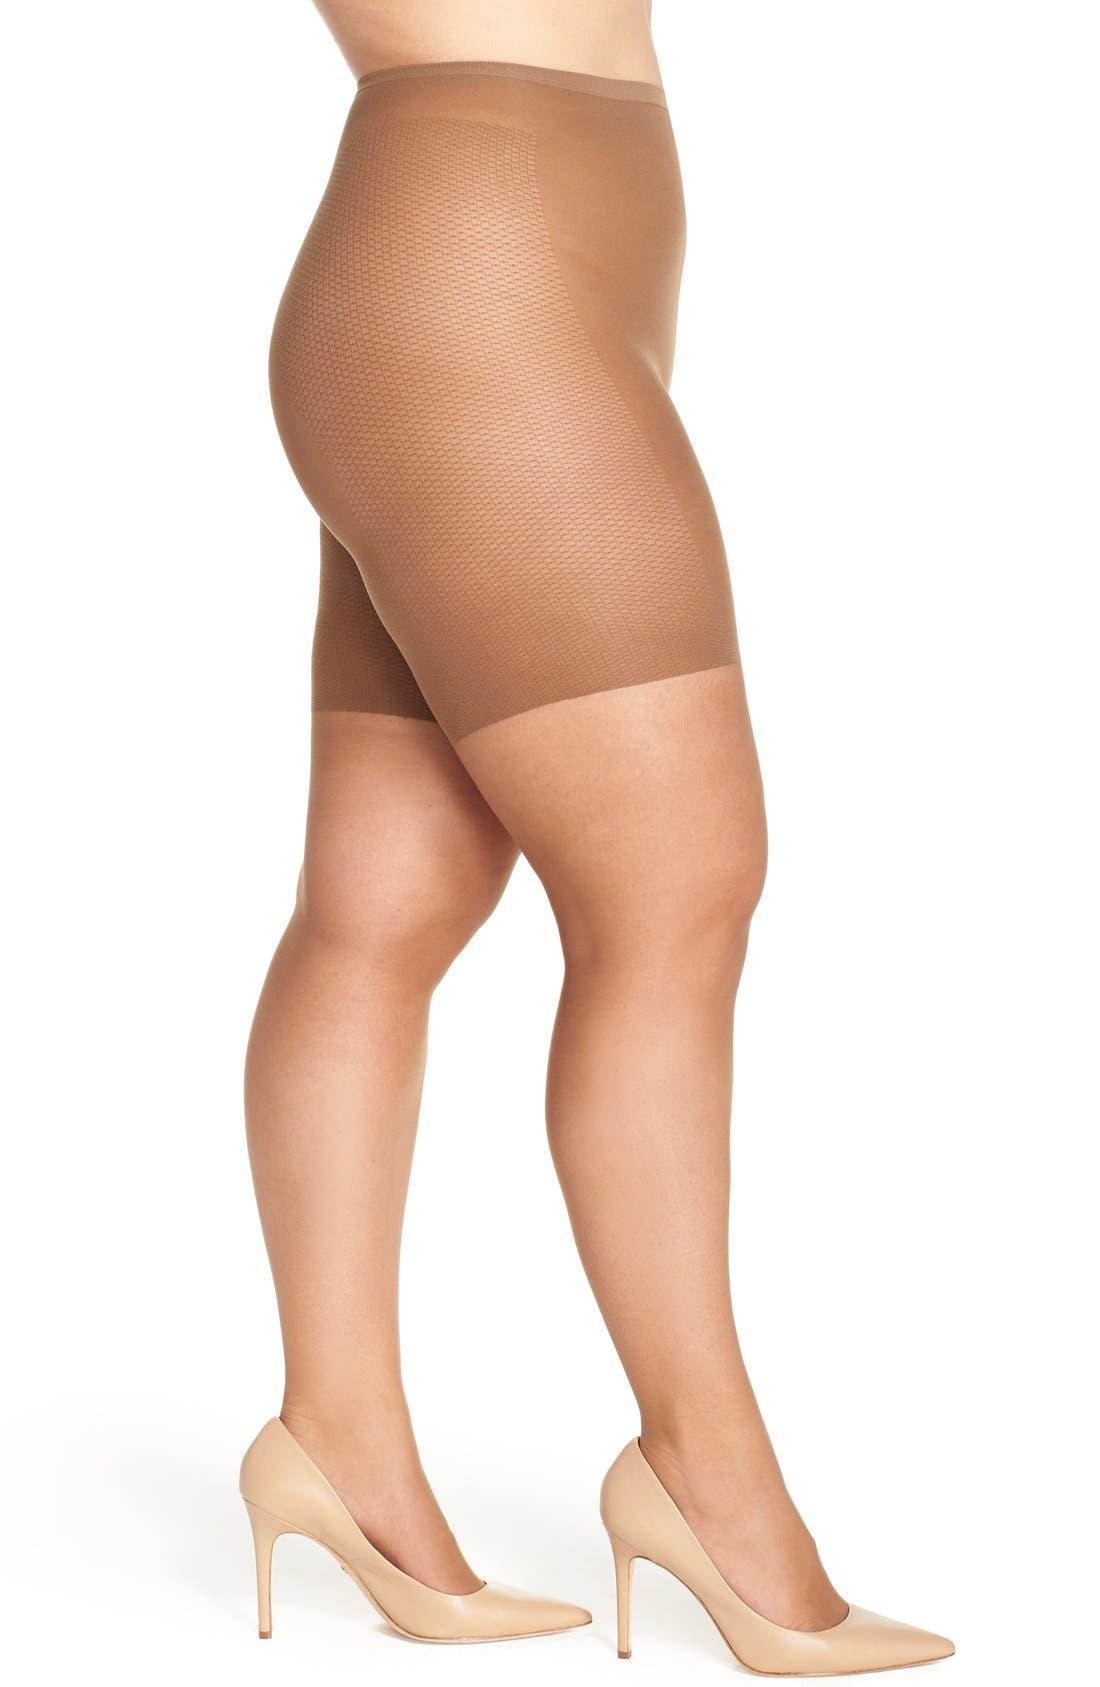 BERKSHIRE Light Control Top Pantyhose